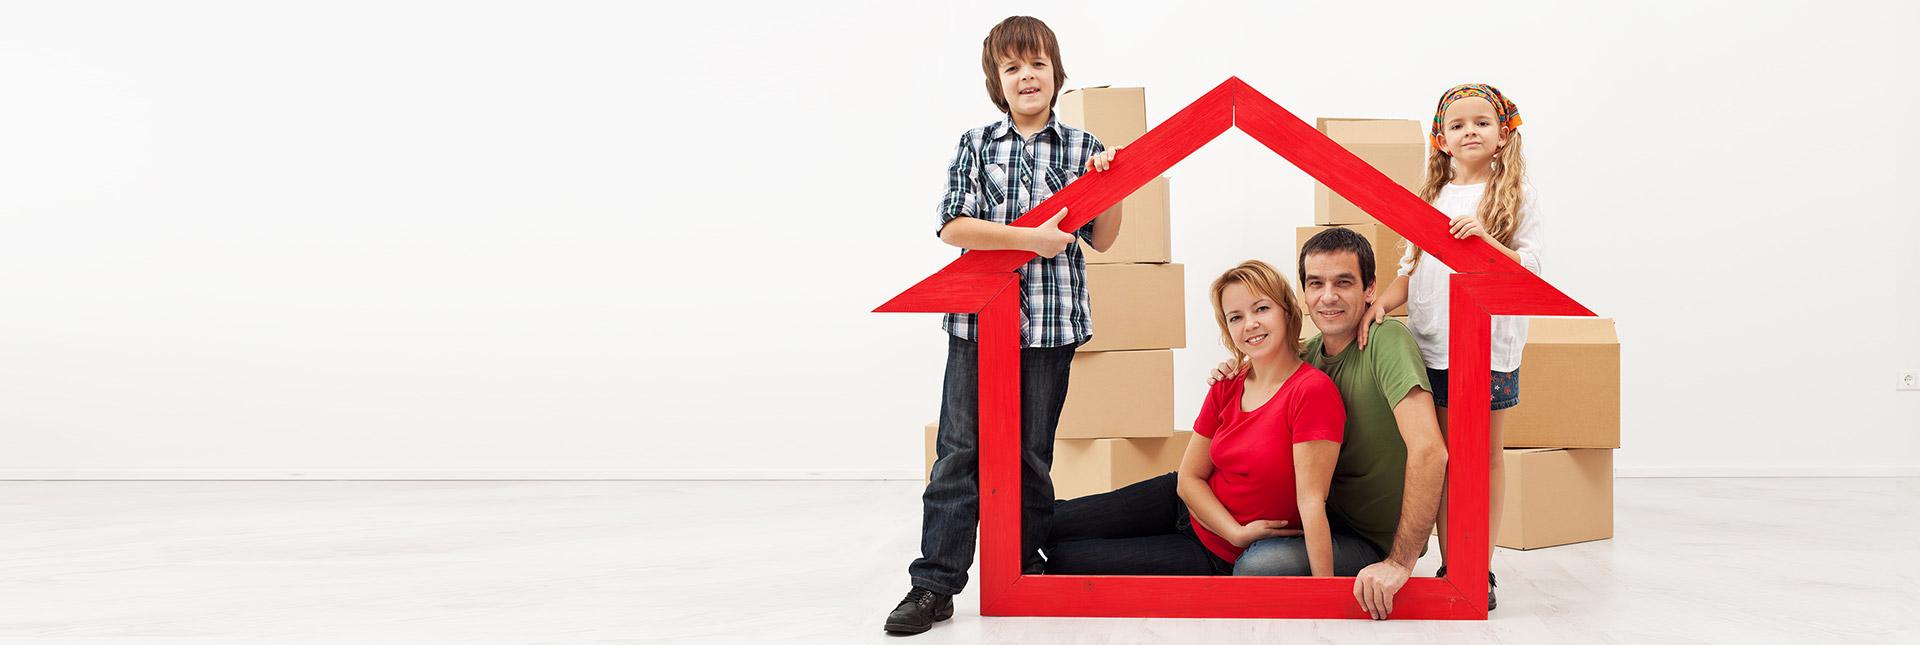 real-estate-bg2